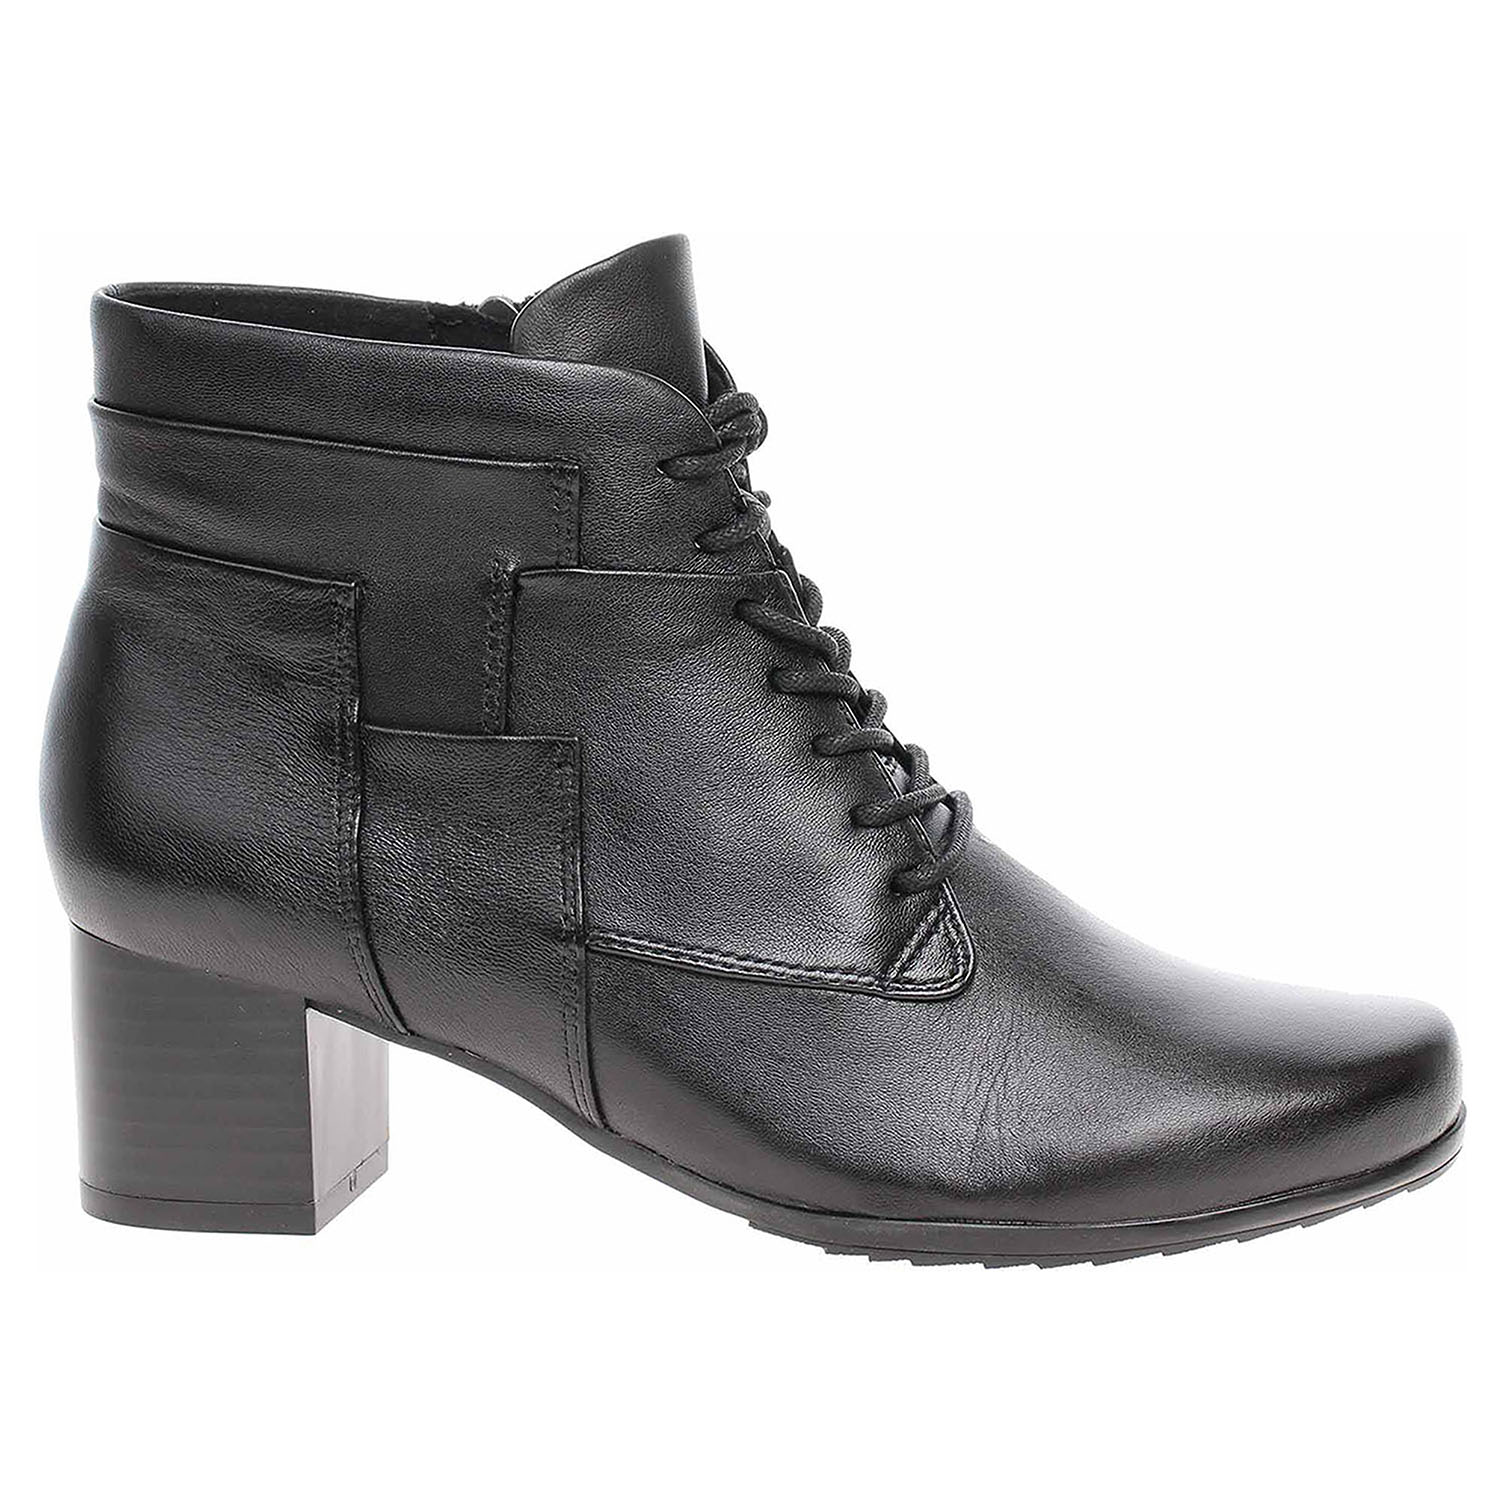 Dámská kotníková obuv Caprice 9-25120-33 black soft napa 9-9-25120-33 040 39